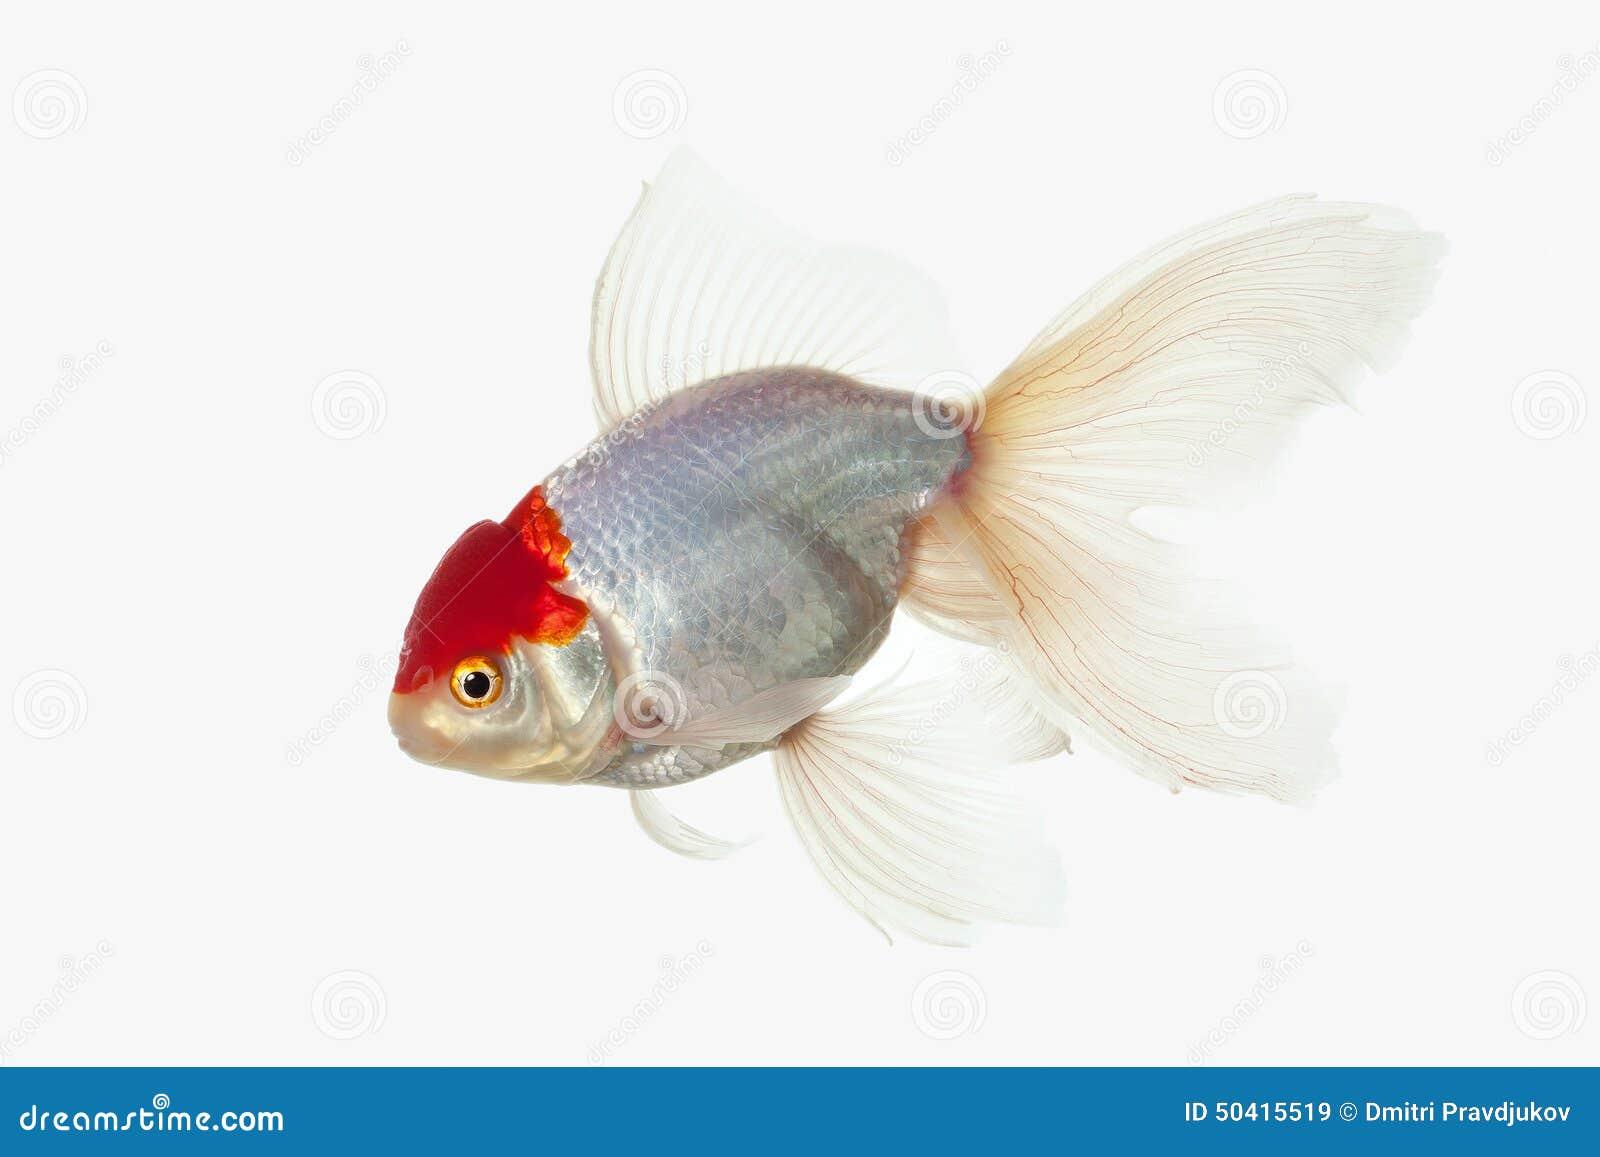 Pesce pesce rosso bianco di oranda con la testa di rosso for Pesce oranda